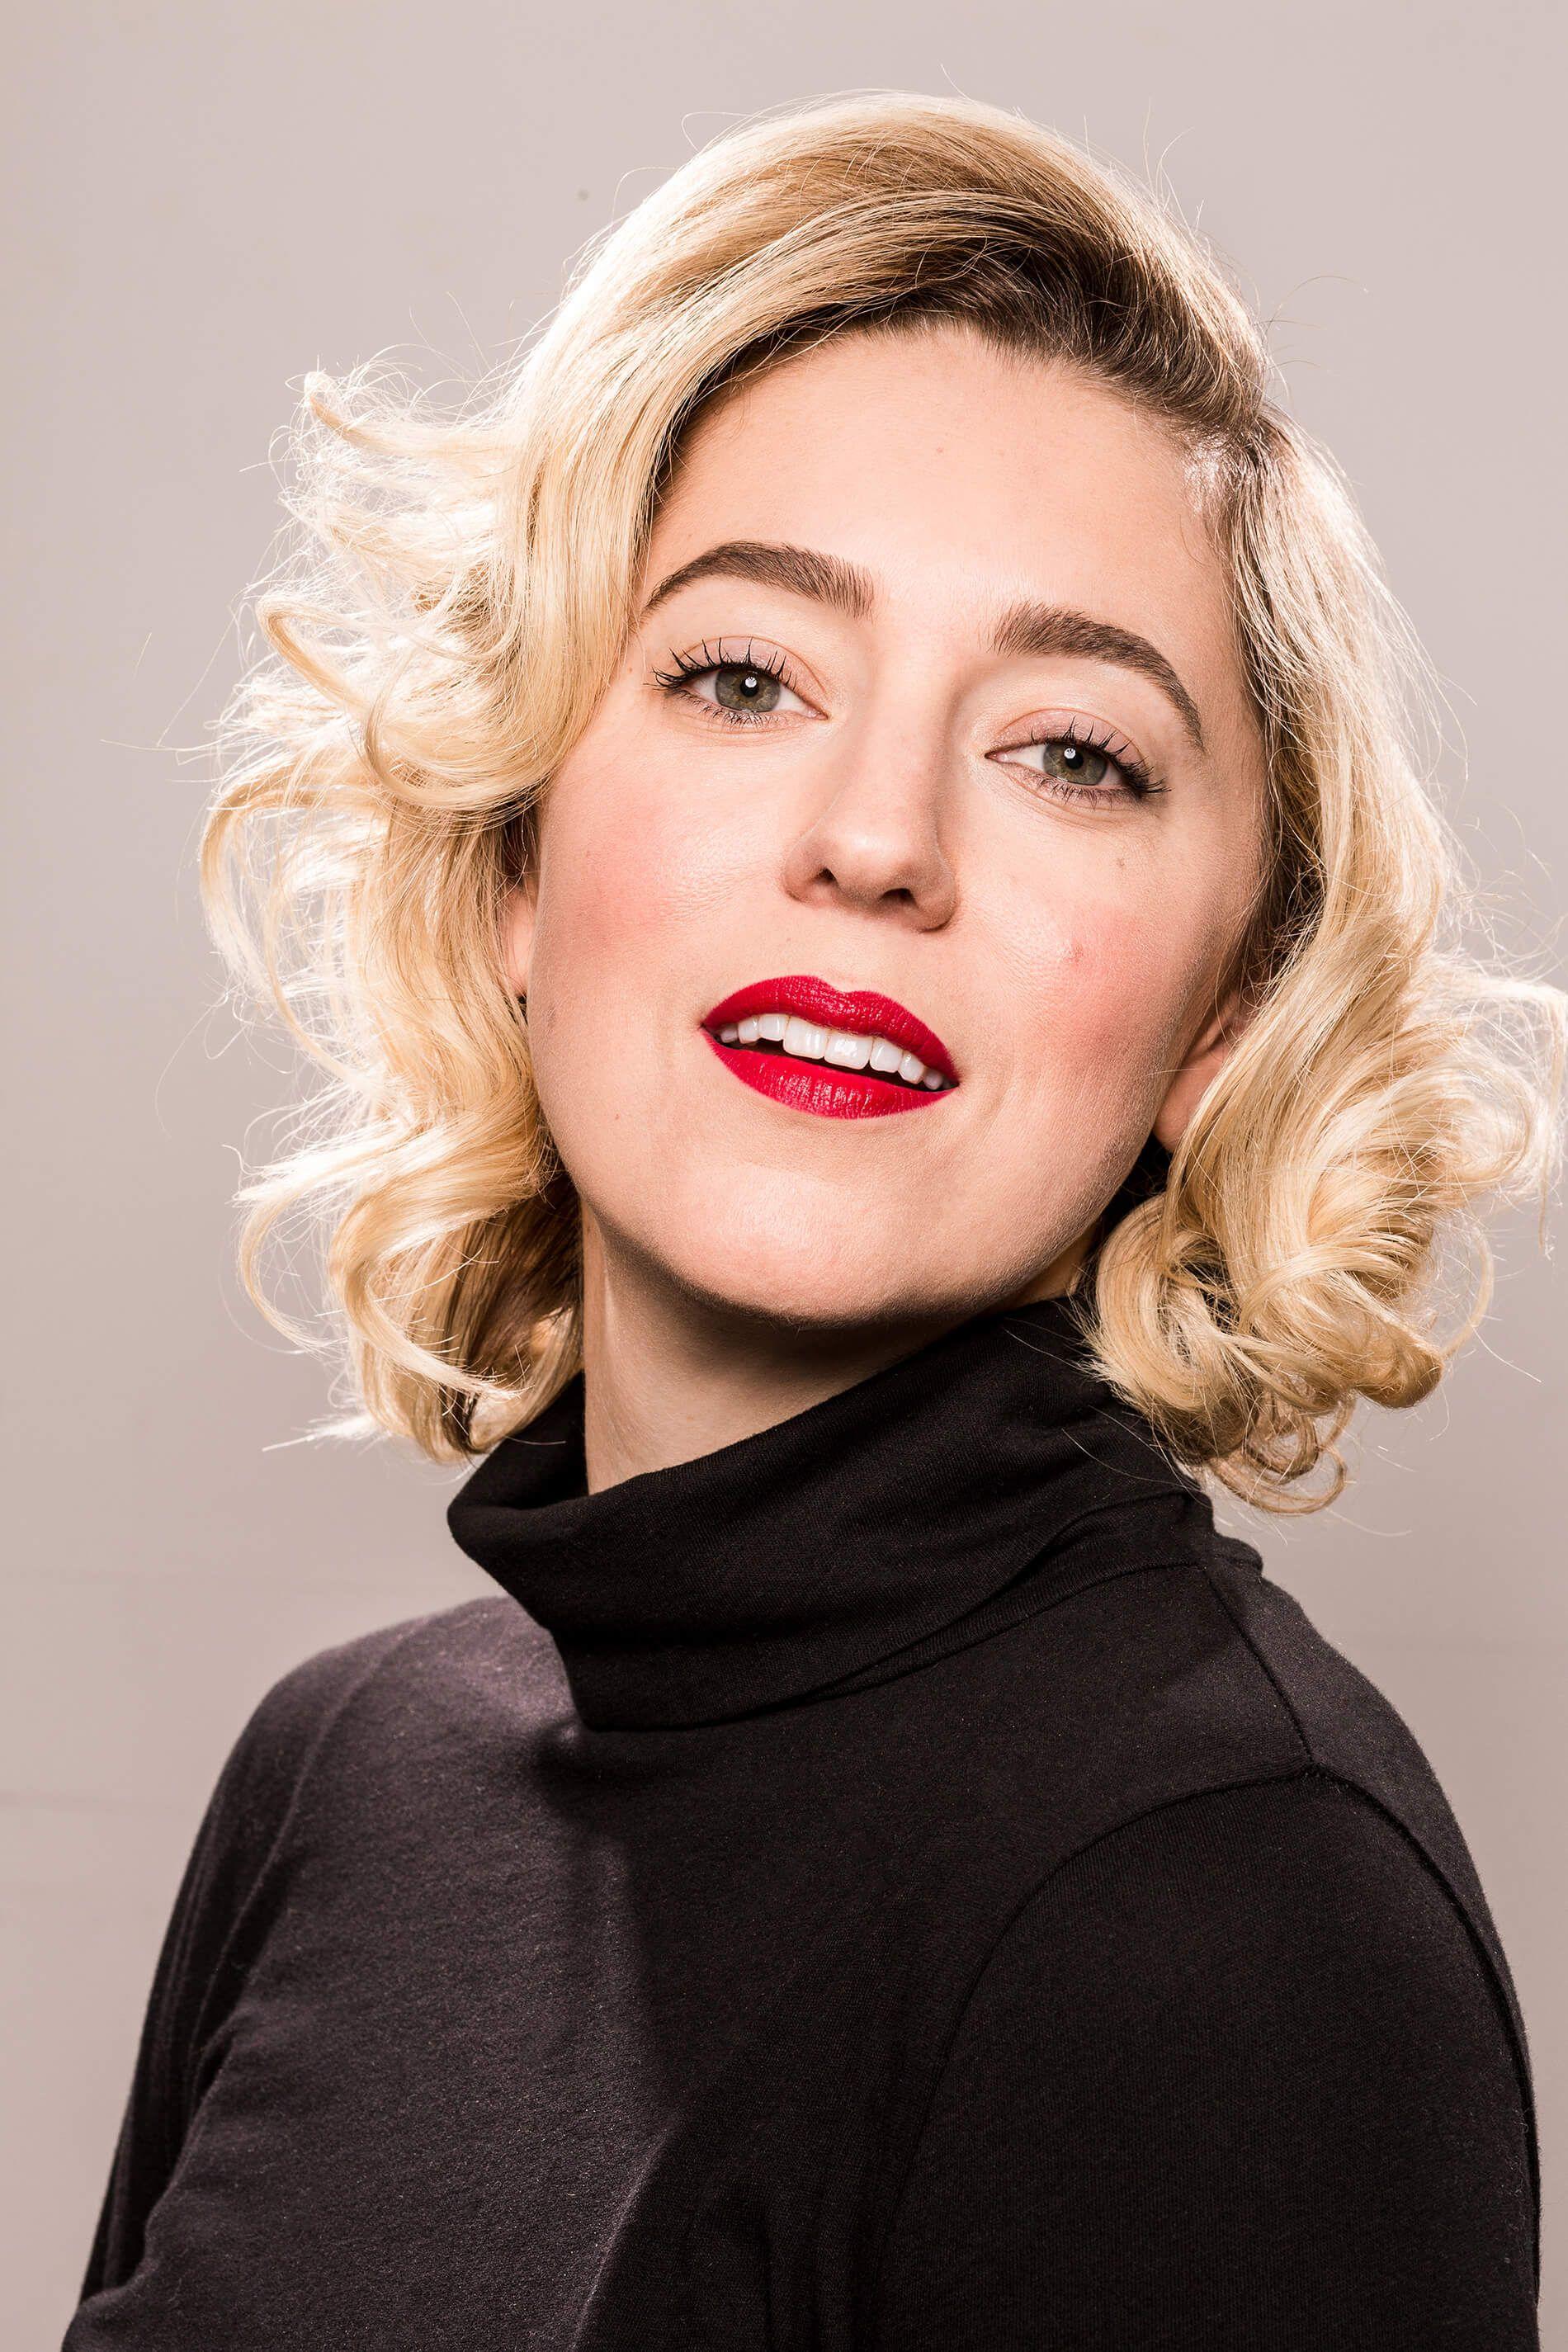 Marilyn Monroe Inspired Hair Tutorial Step by Step Video